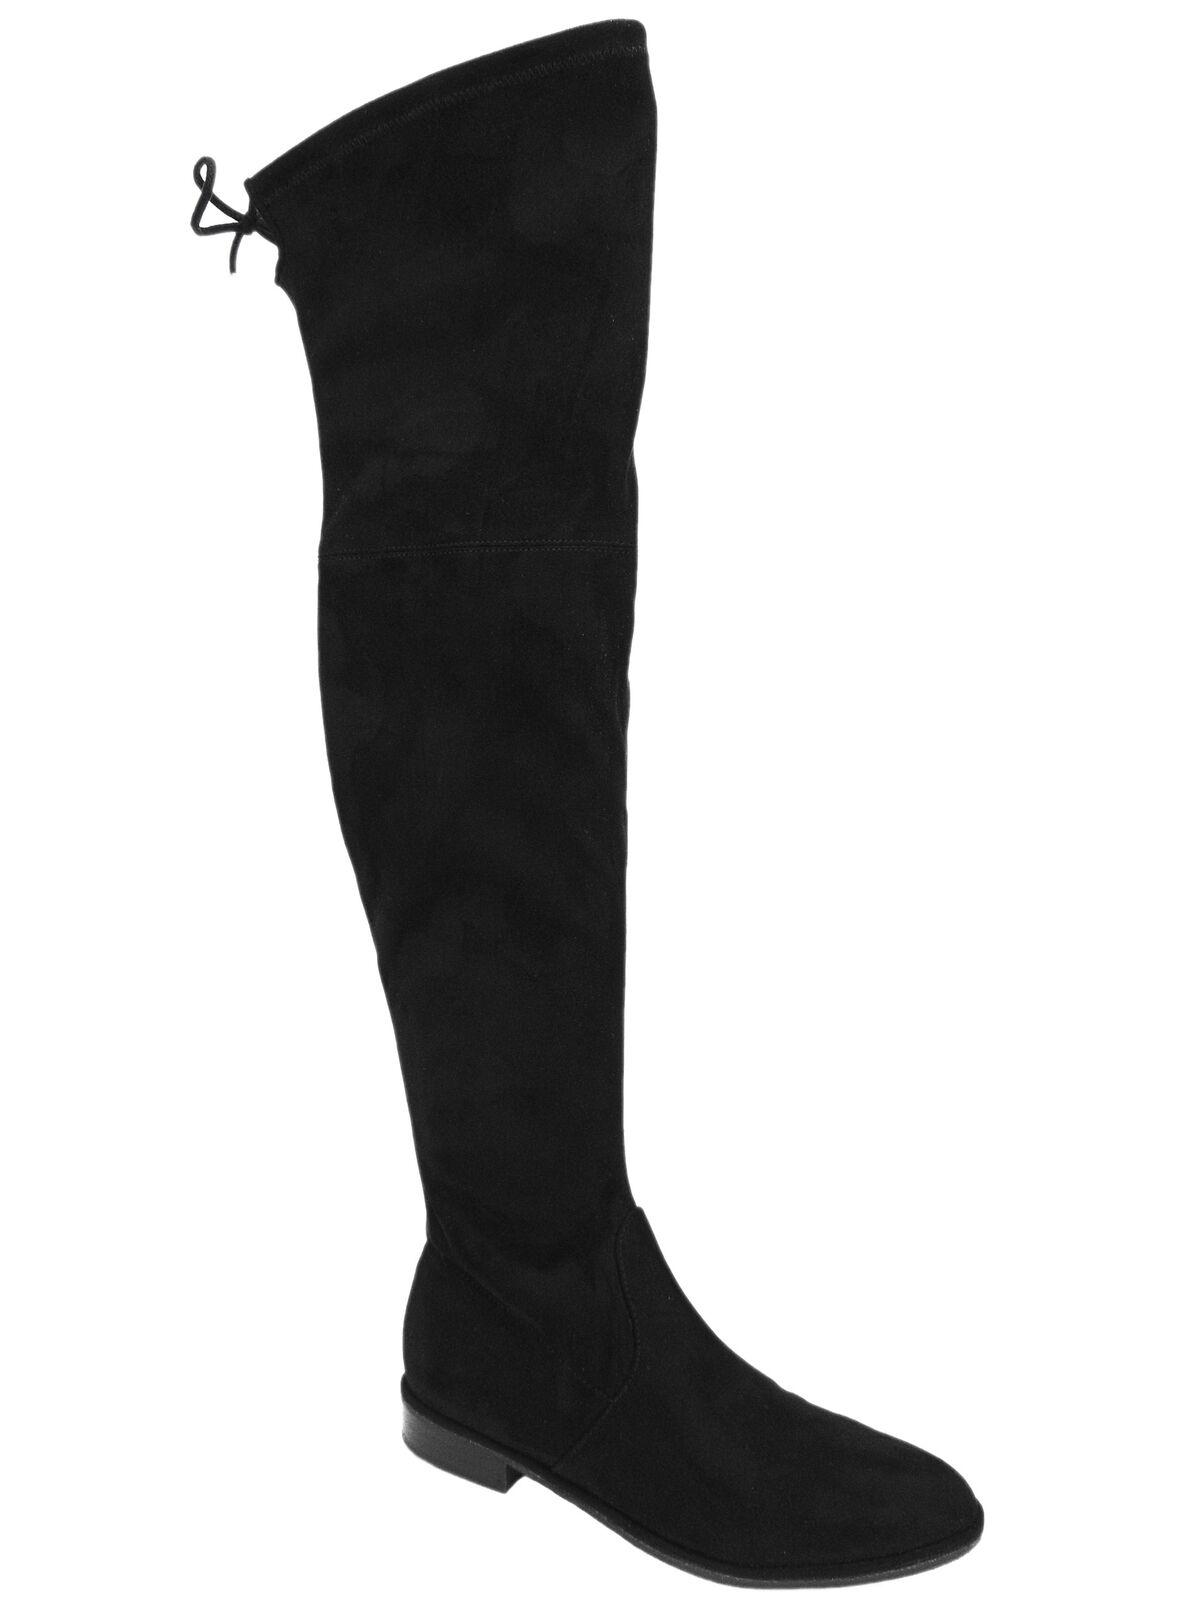 Marc Fisher para mujer humor sobre la rodilla botas Negras Talla Talla Negras 7.5 M e57bfc